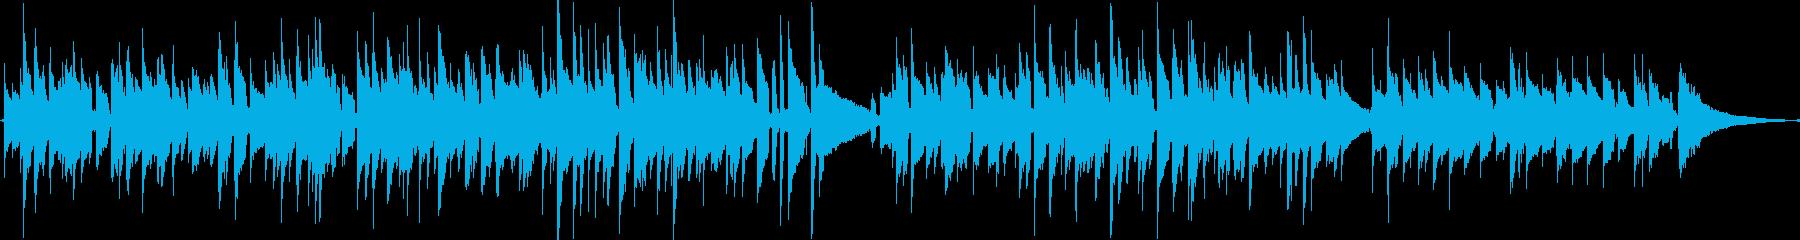 ノスタルジックなアコースティックギターの再生済みの波形